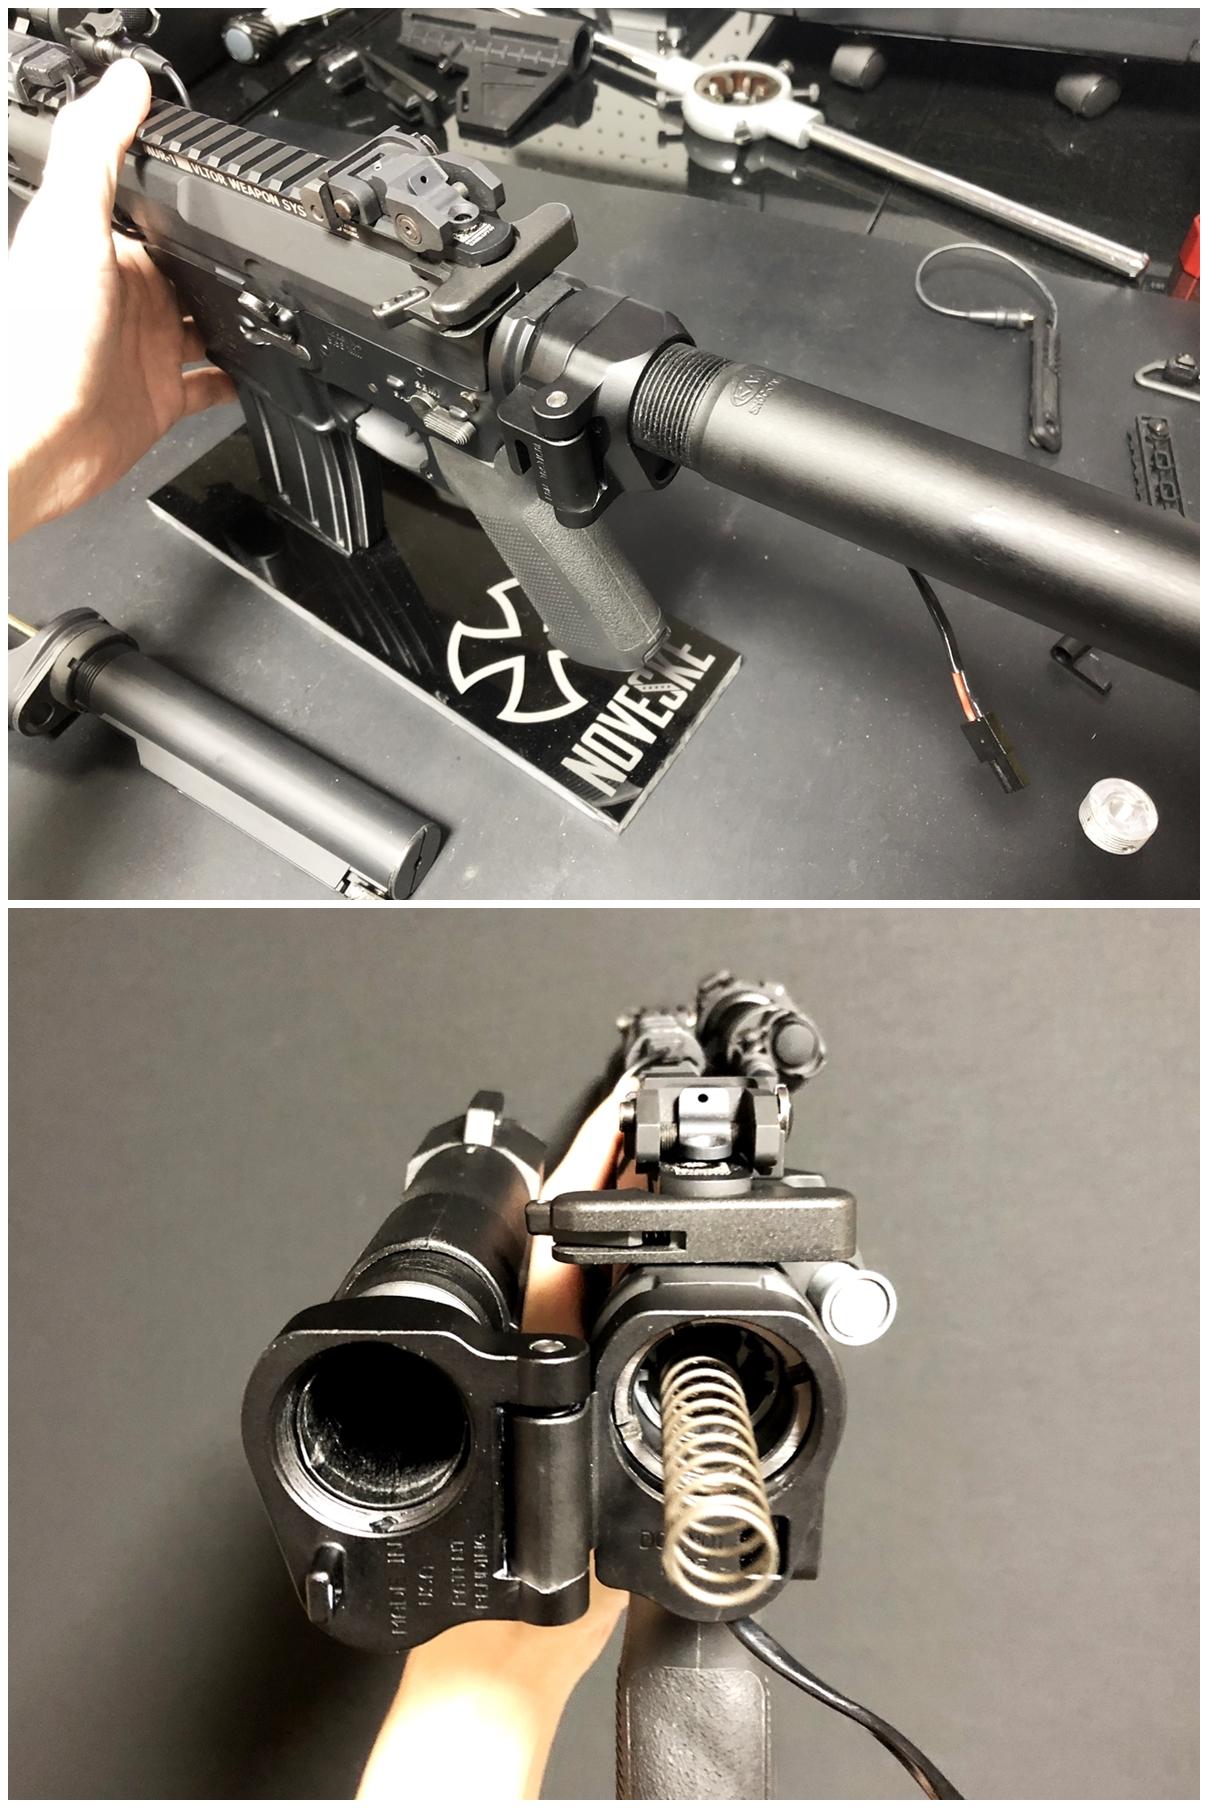 32 次世代 M4 CQB-R 電動ガン 実物 KAK ストック 取付 改造 カスタム 大作戦 第五弾!! やっと加工を再開!! 実銃 ストックパイプ AR フォールディング アダプター ダイス ネジ タップ 切り 加工 仮組 取付 道具 購入